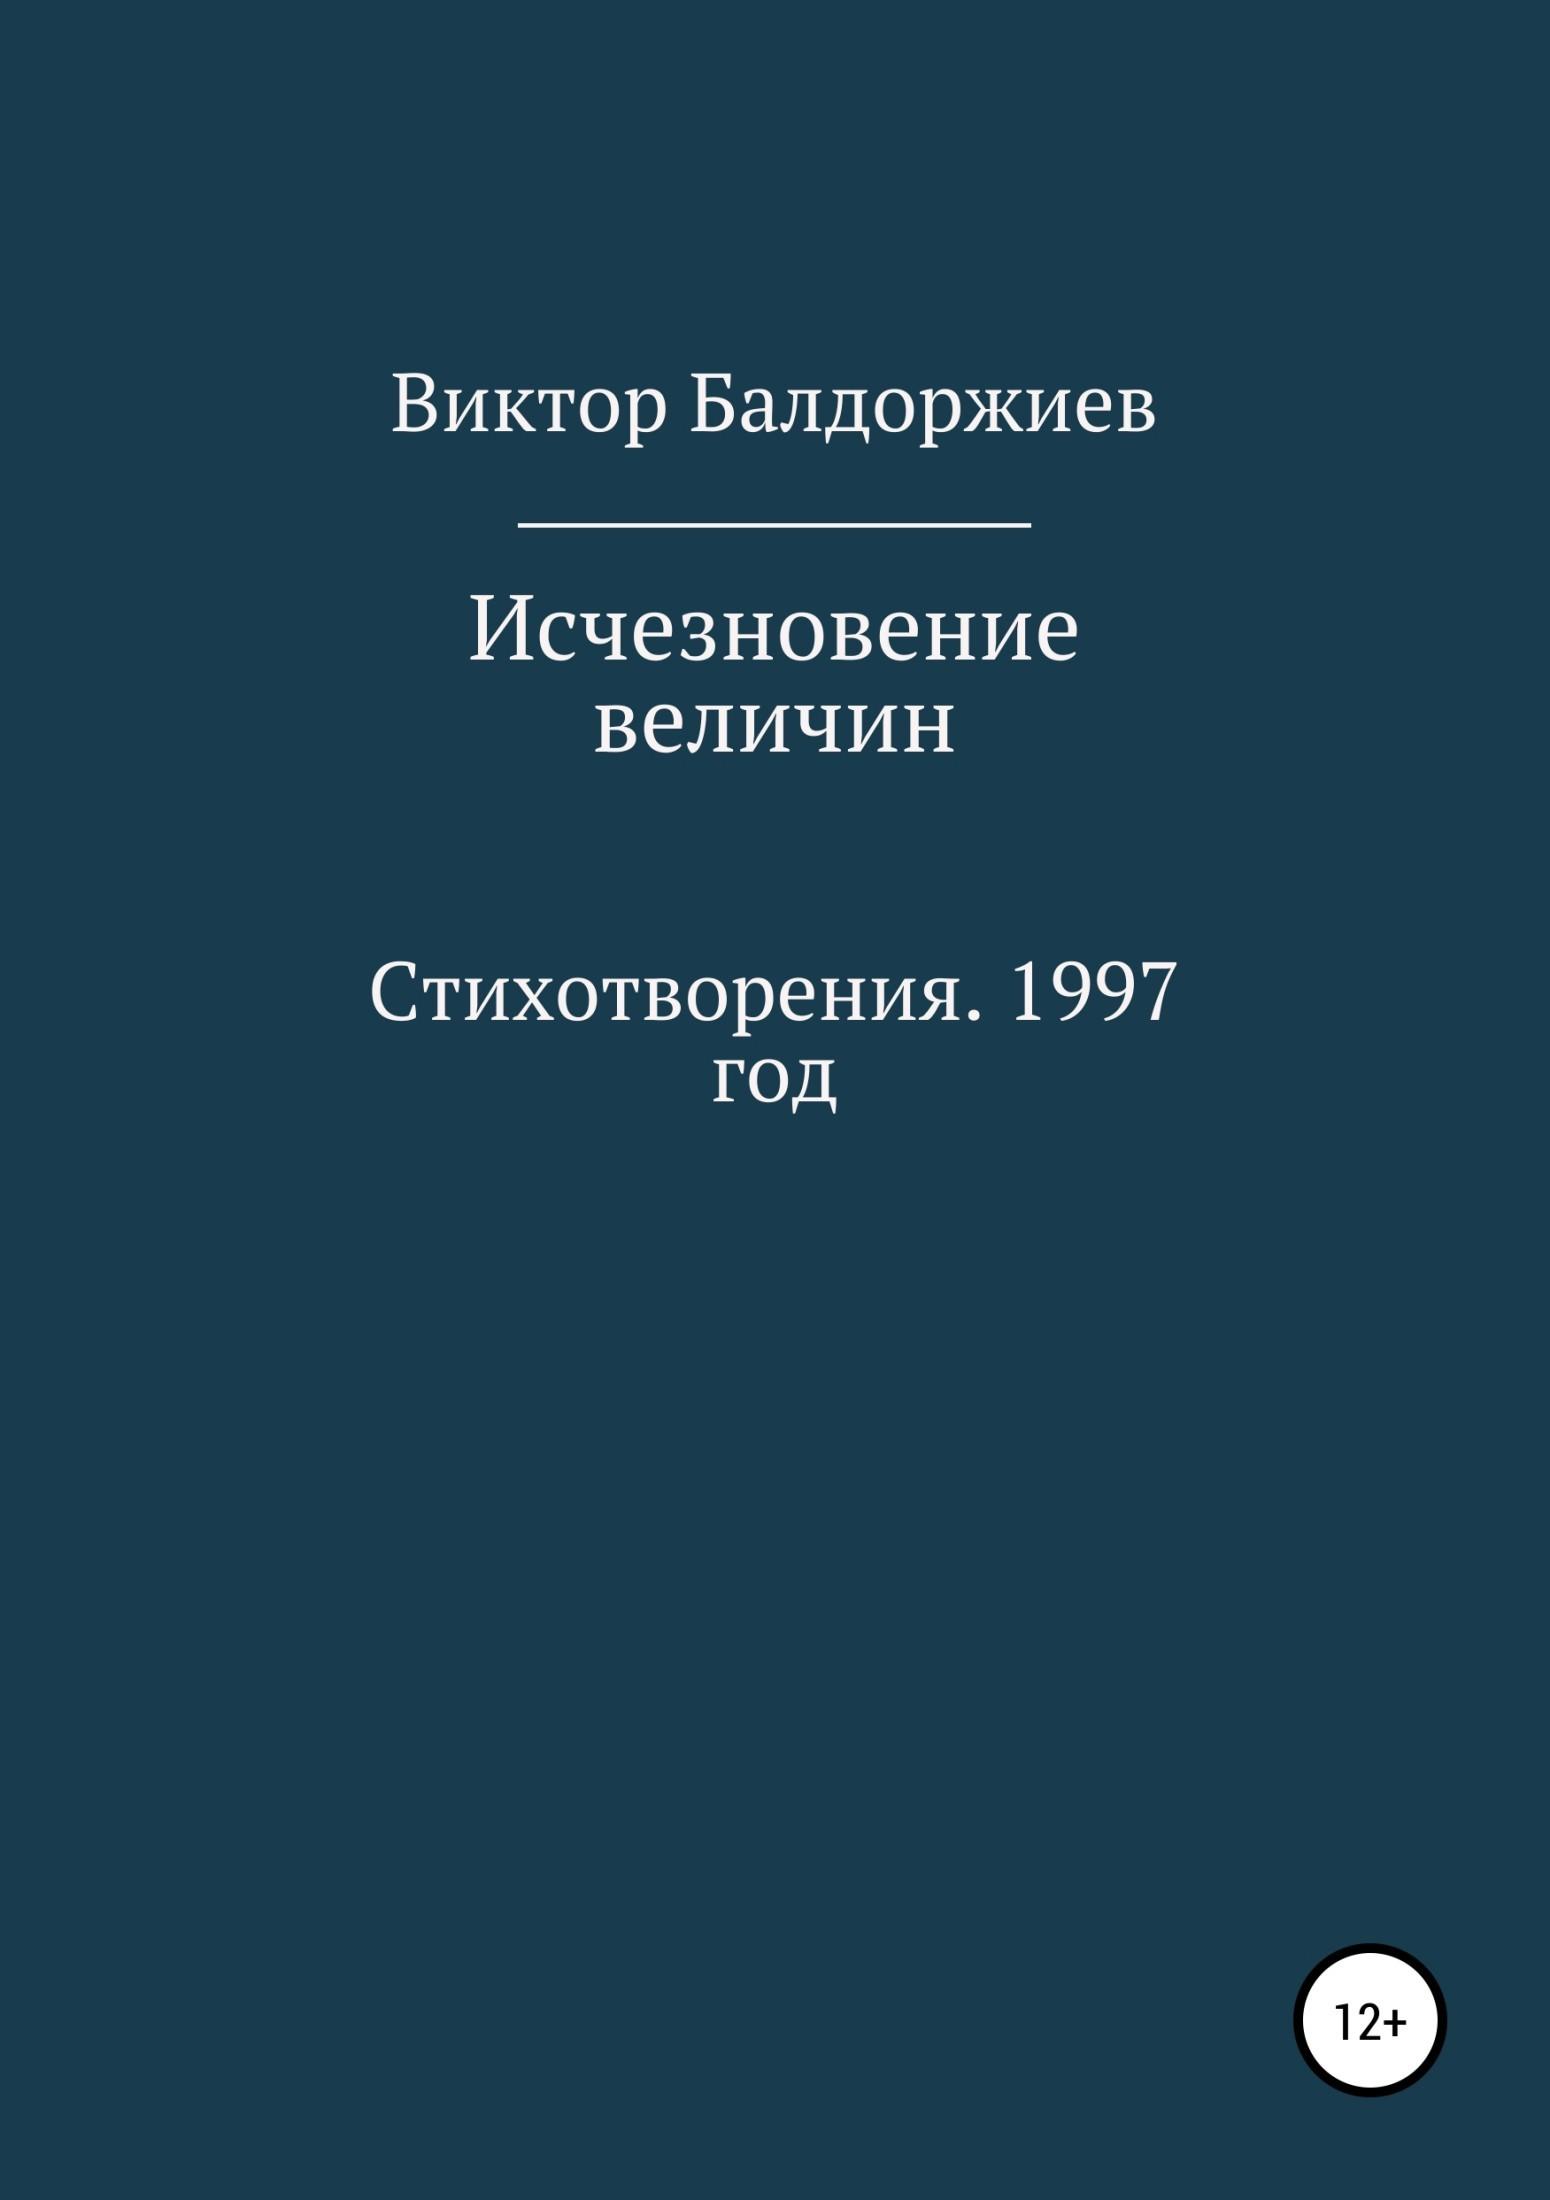 Виктор Балдоржиев Исчезновение величин виктор балдоржиев земля взаймы